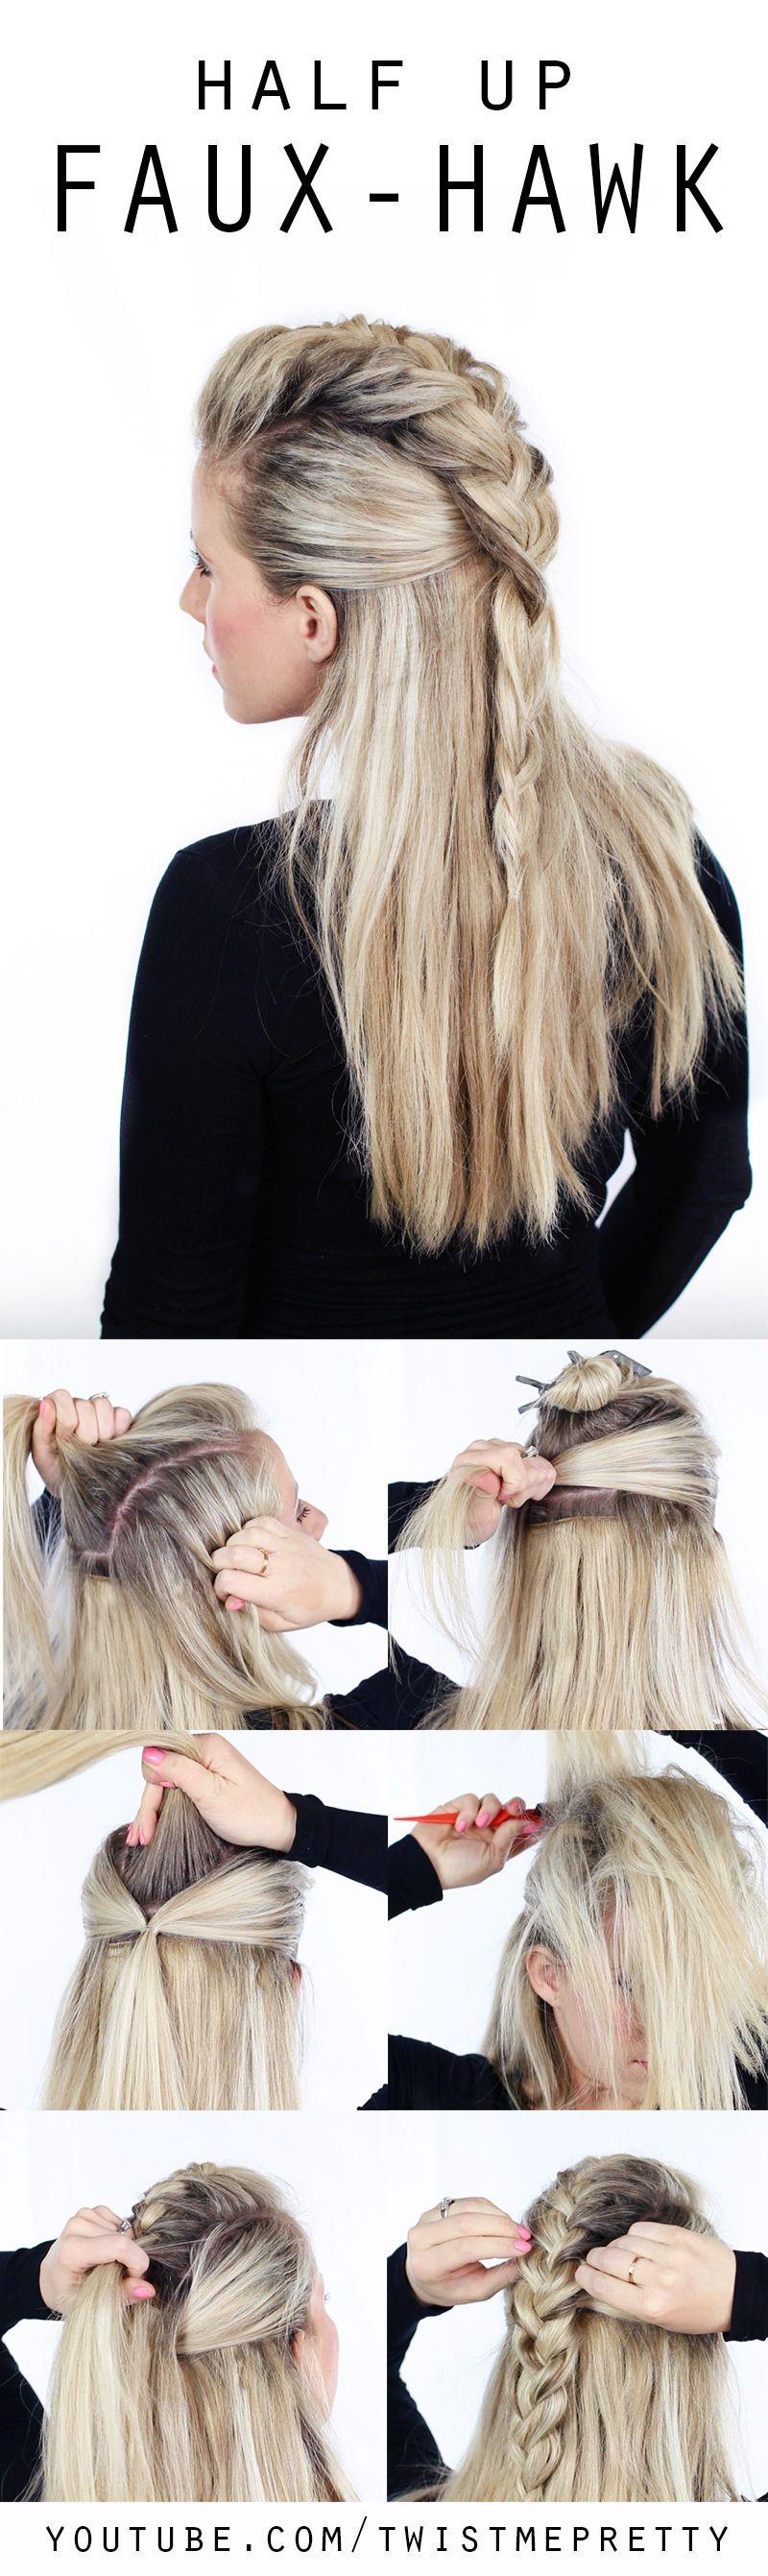 pinterest jvyella my style pinterest edgy hairstyles